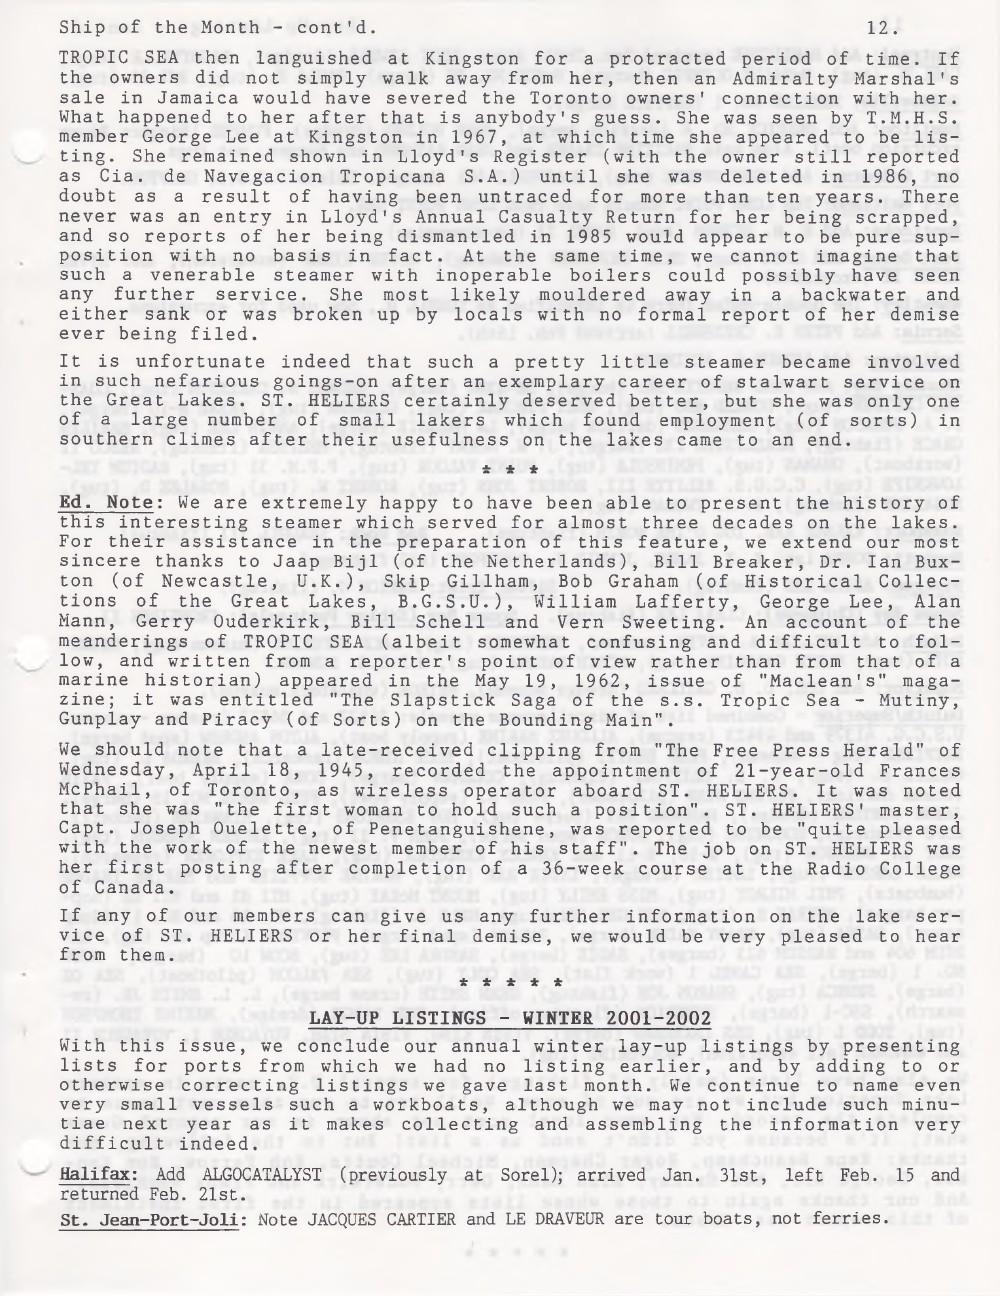 Scanner, v. 34, no. 6 (March 2002)